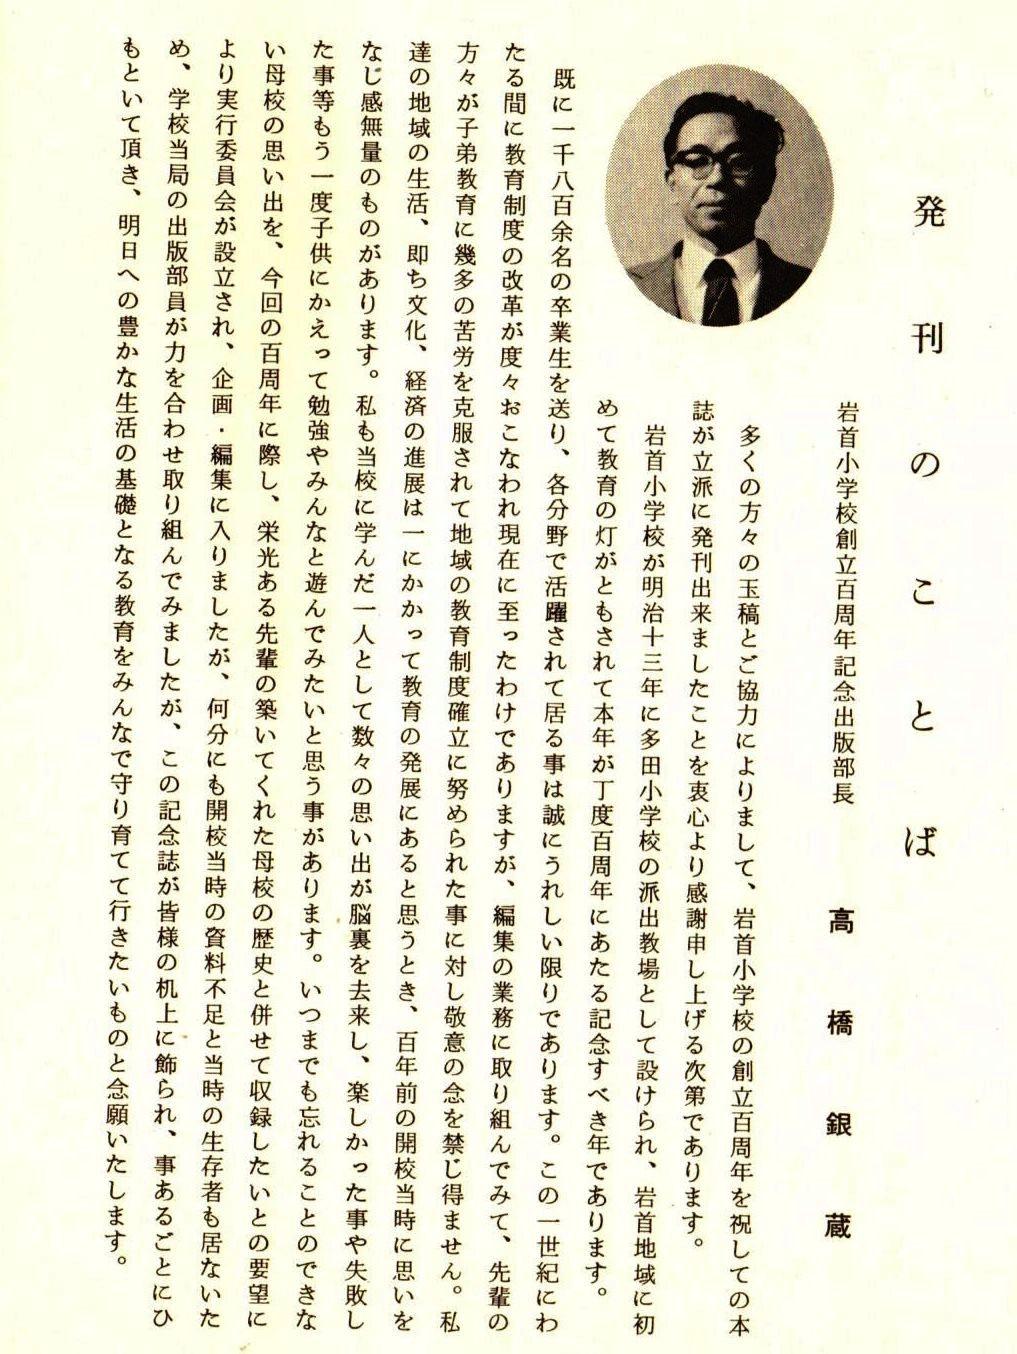 たか高橋銀蔵 岩首校百年誌(昭和55年)